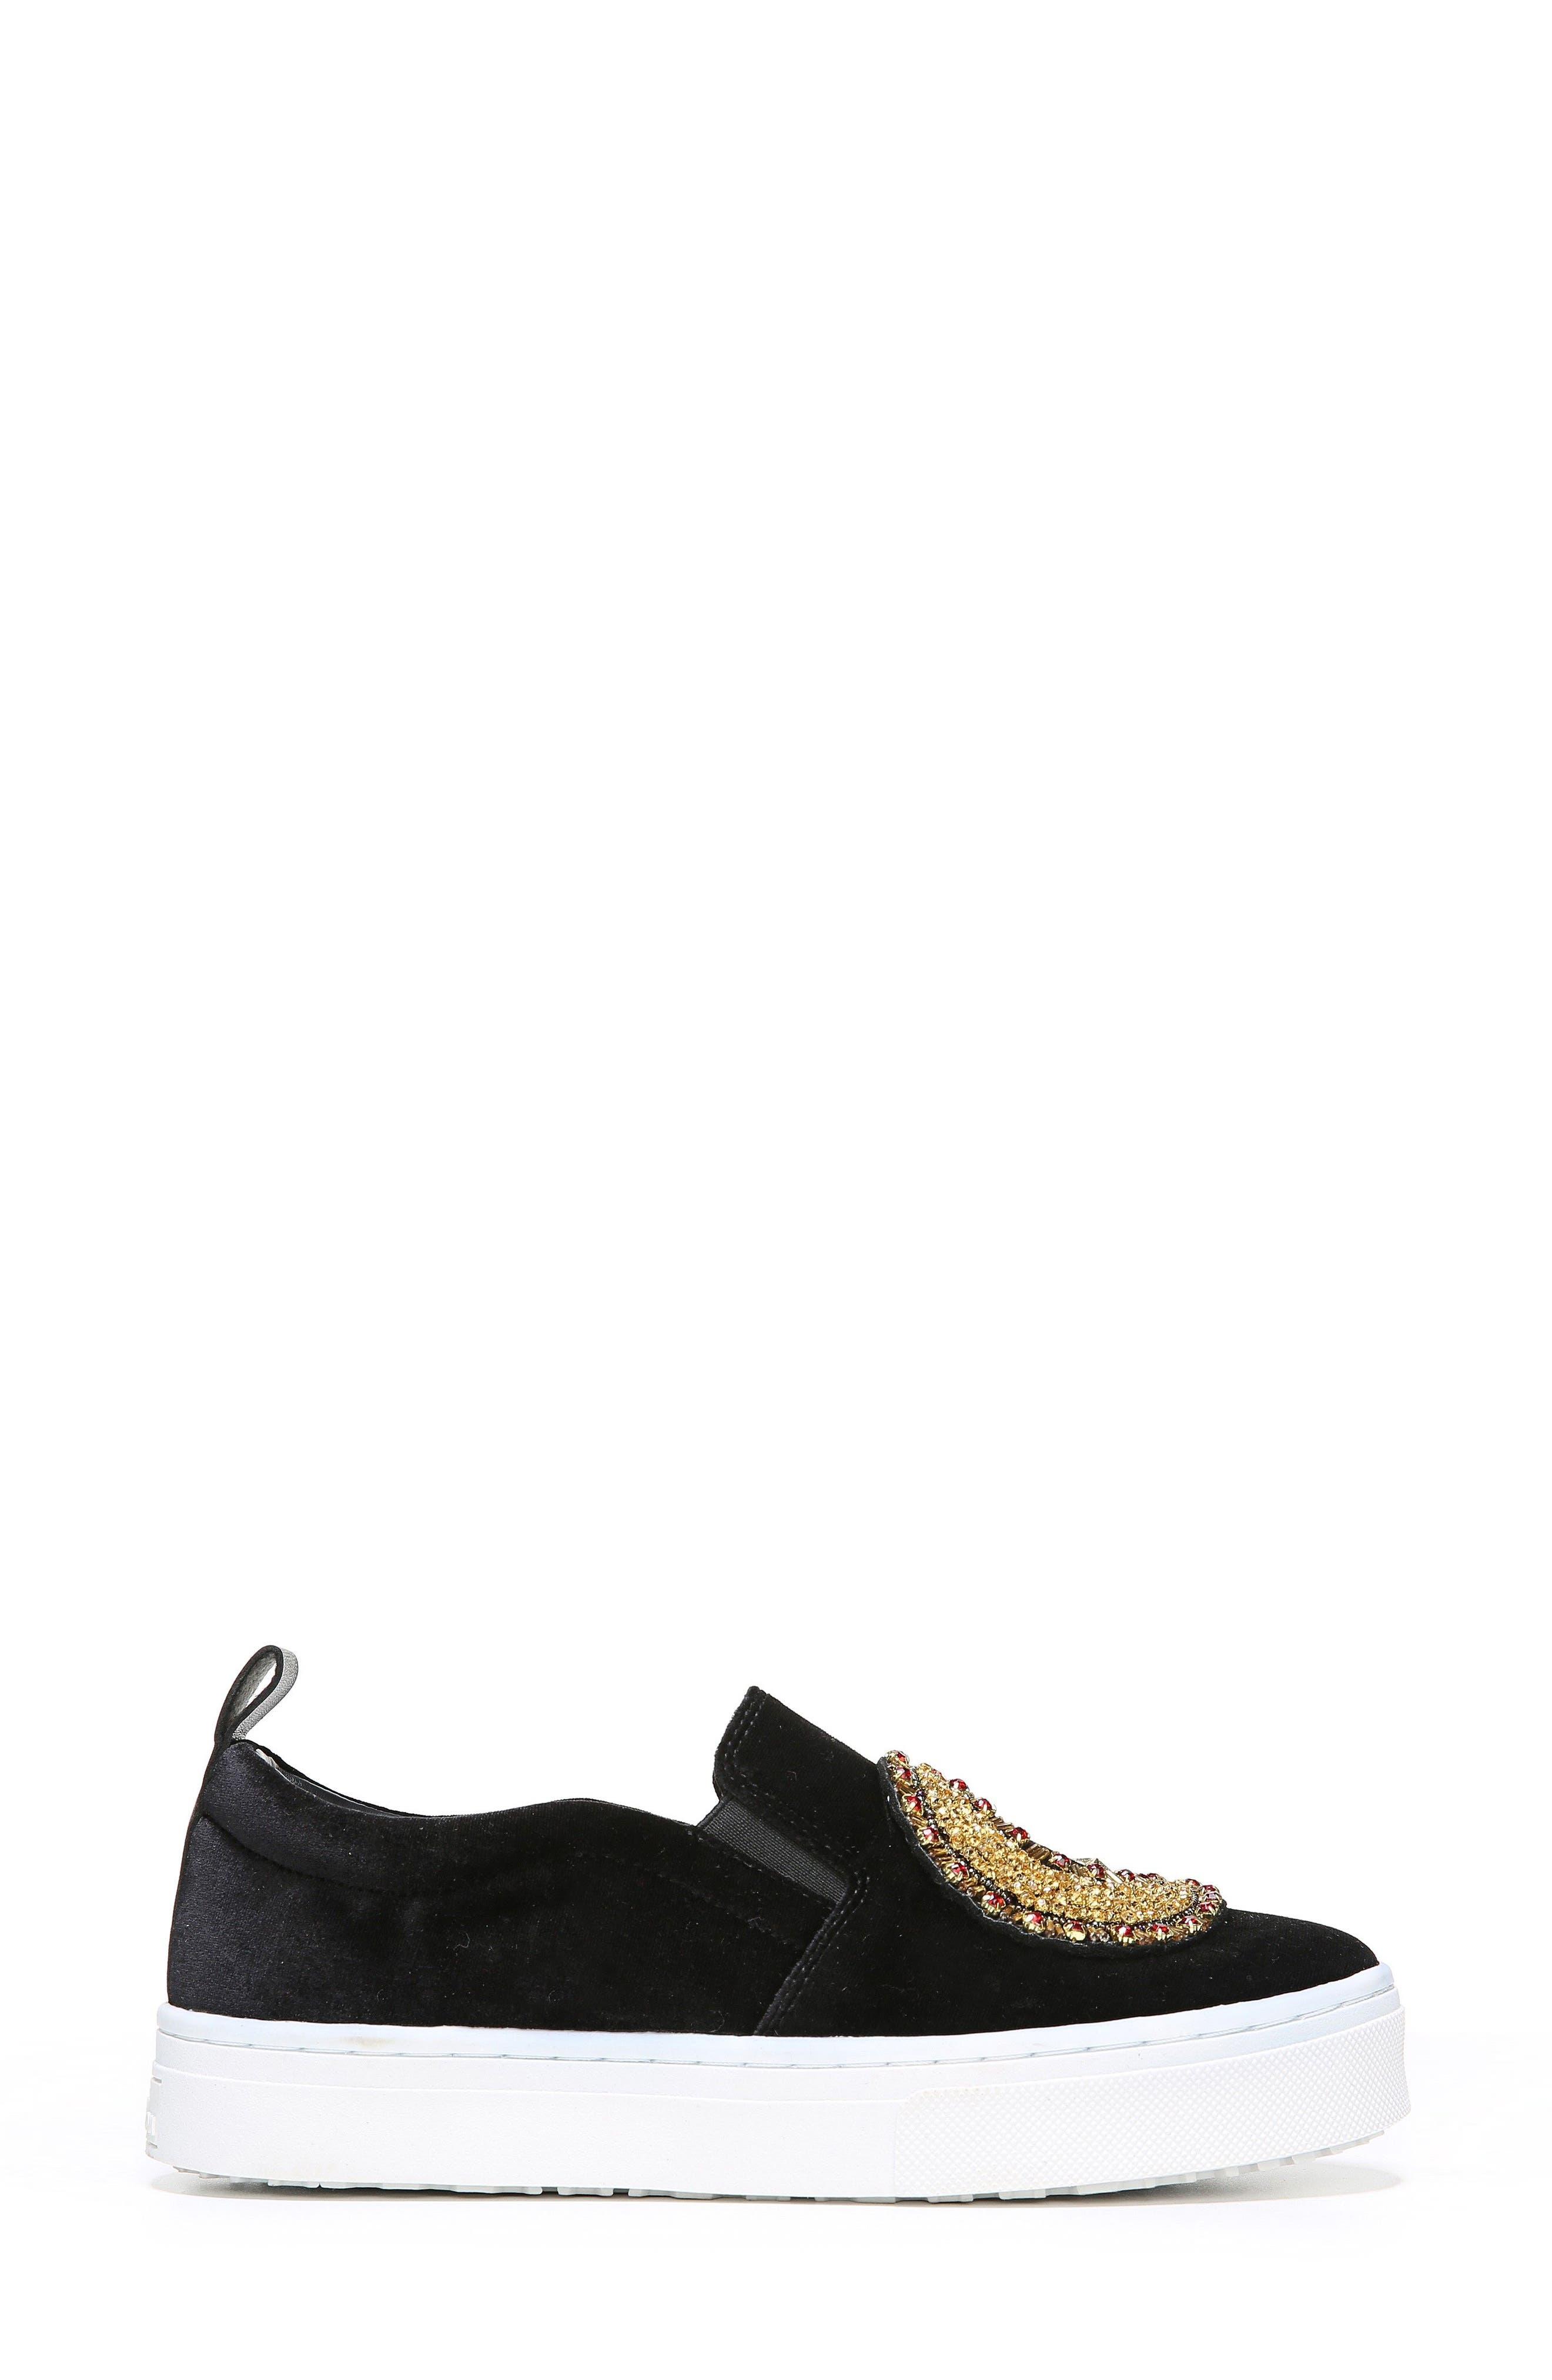 Leila Embellished Platform Sneaker,                             Alternate thumbnail 4, color,                             001